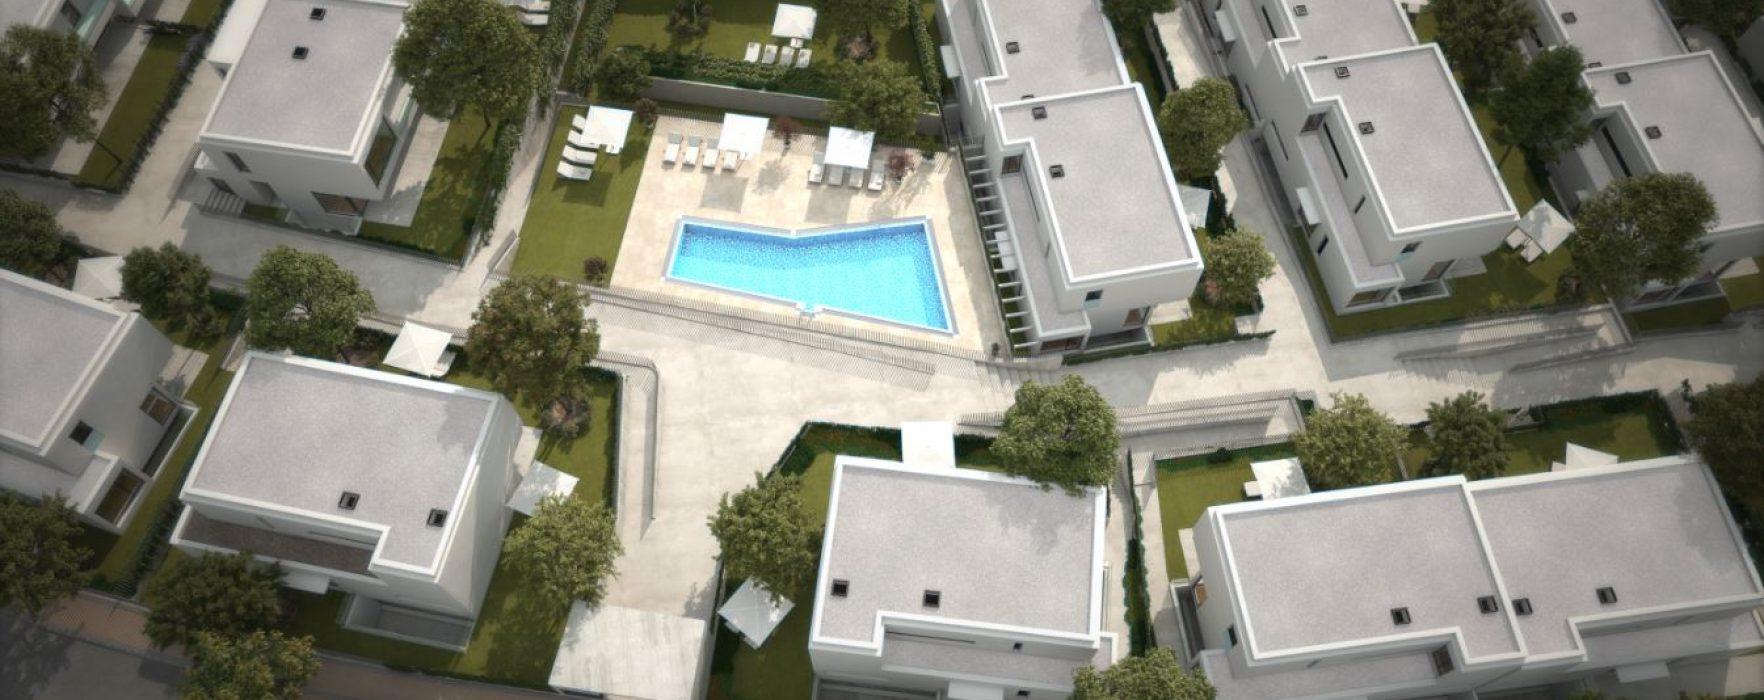 Viviendas con piscina y jard n en madrid as es tu casa for Obra nueva las rozas